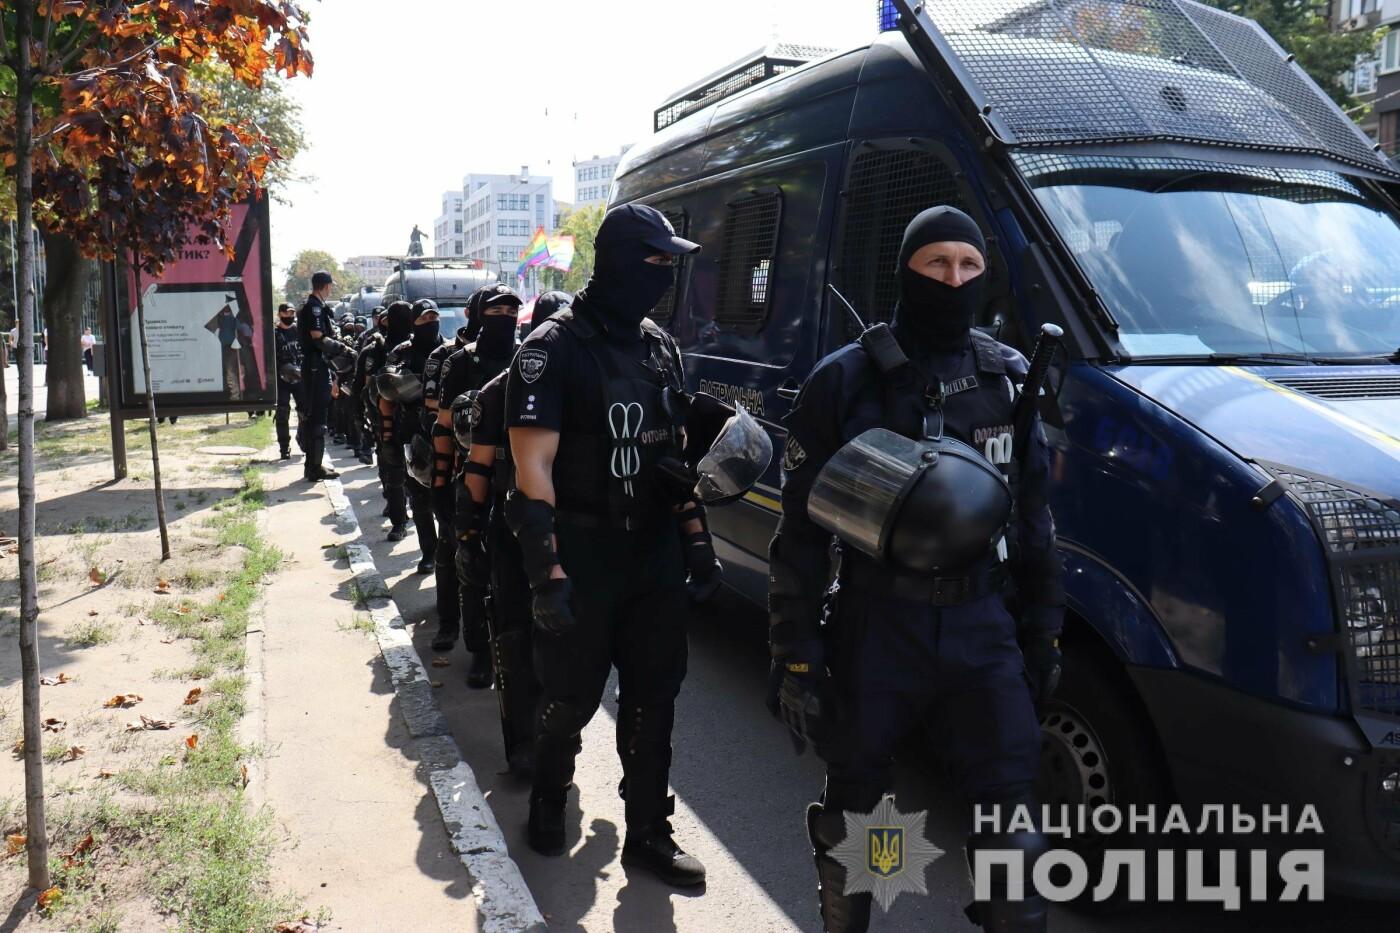 ЛГБТ-марш в центре Харькова: участников события охраняли более 1,2 тысячи силовиков с 40 единицами спецтехники, - ФОТО, фото-4